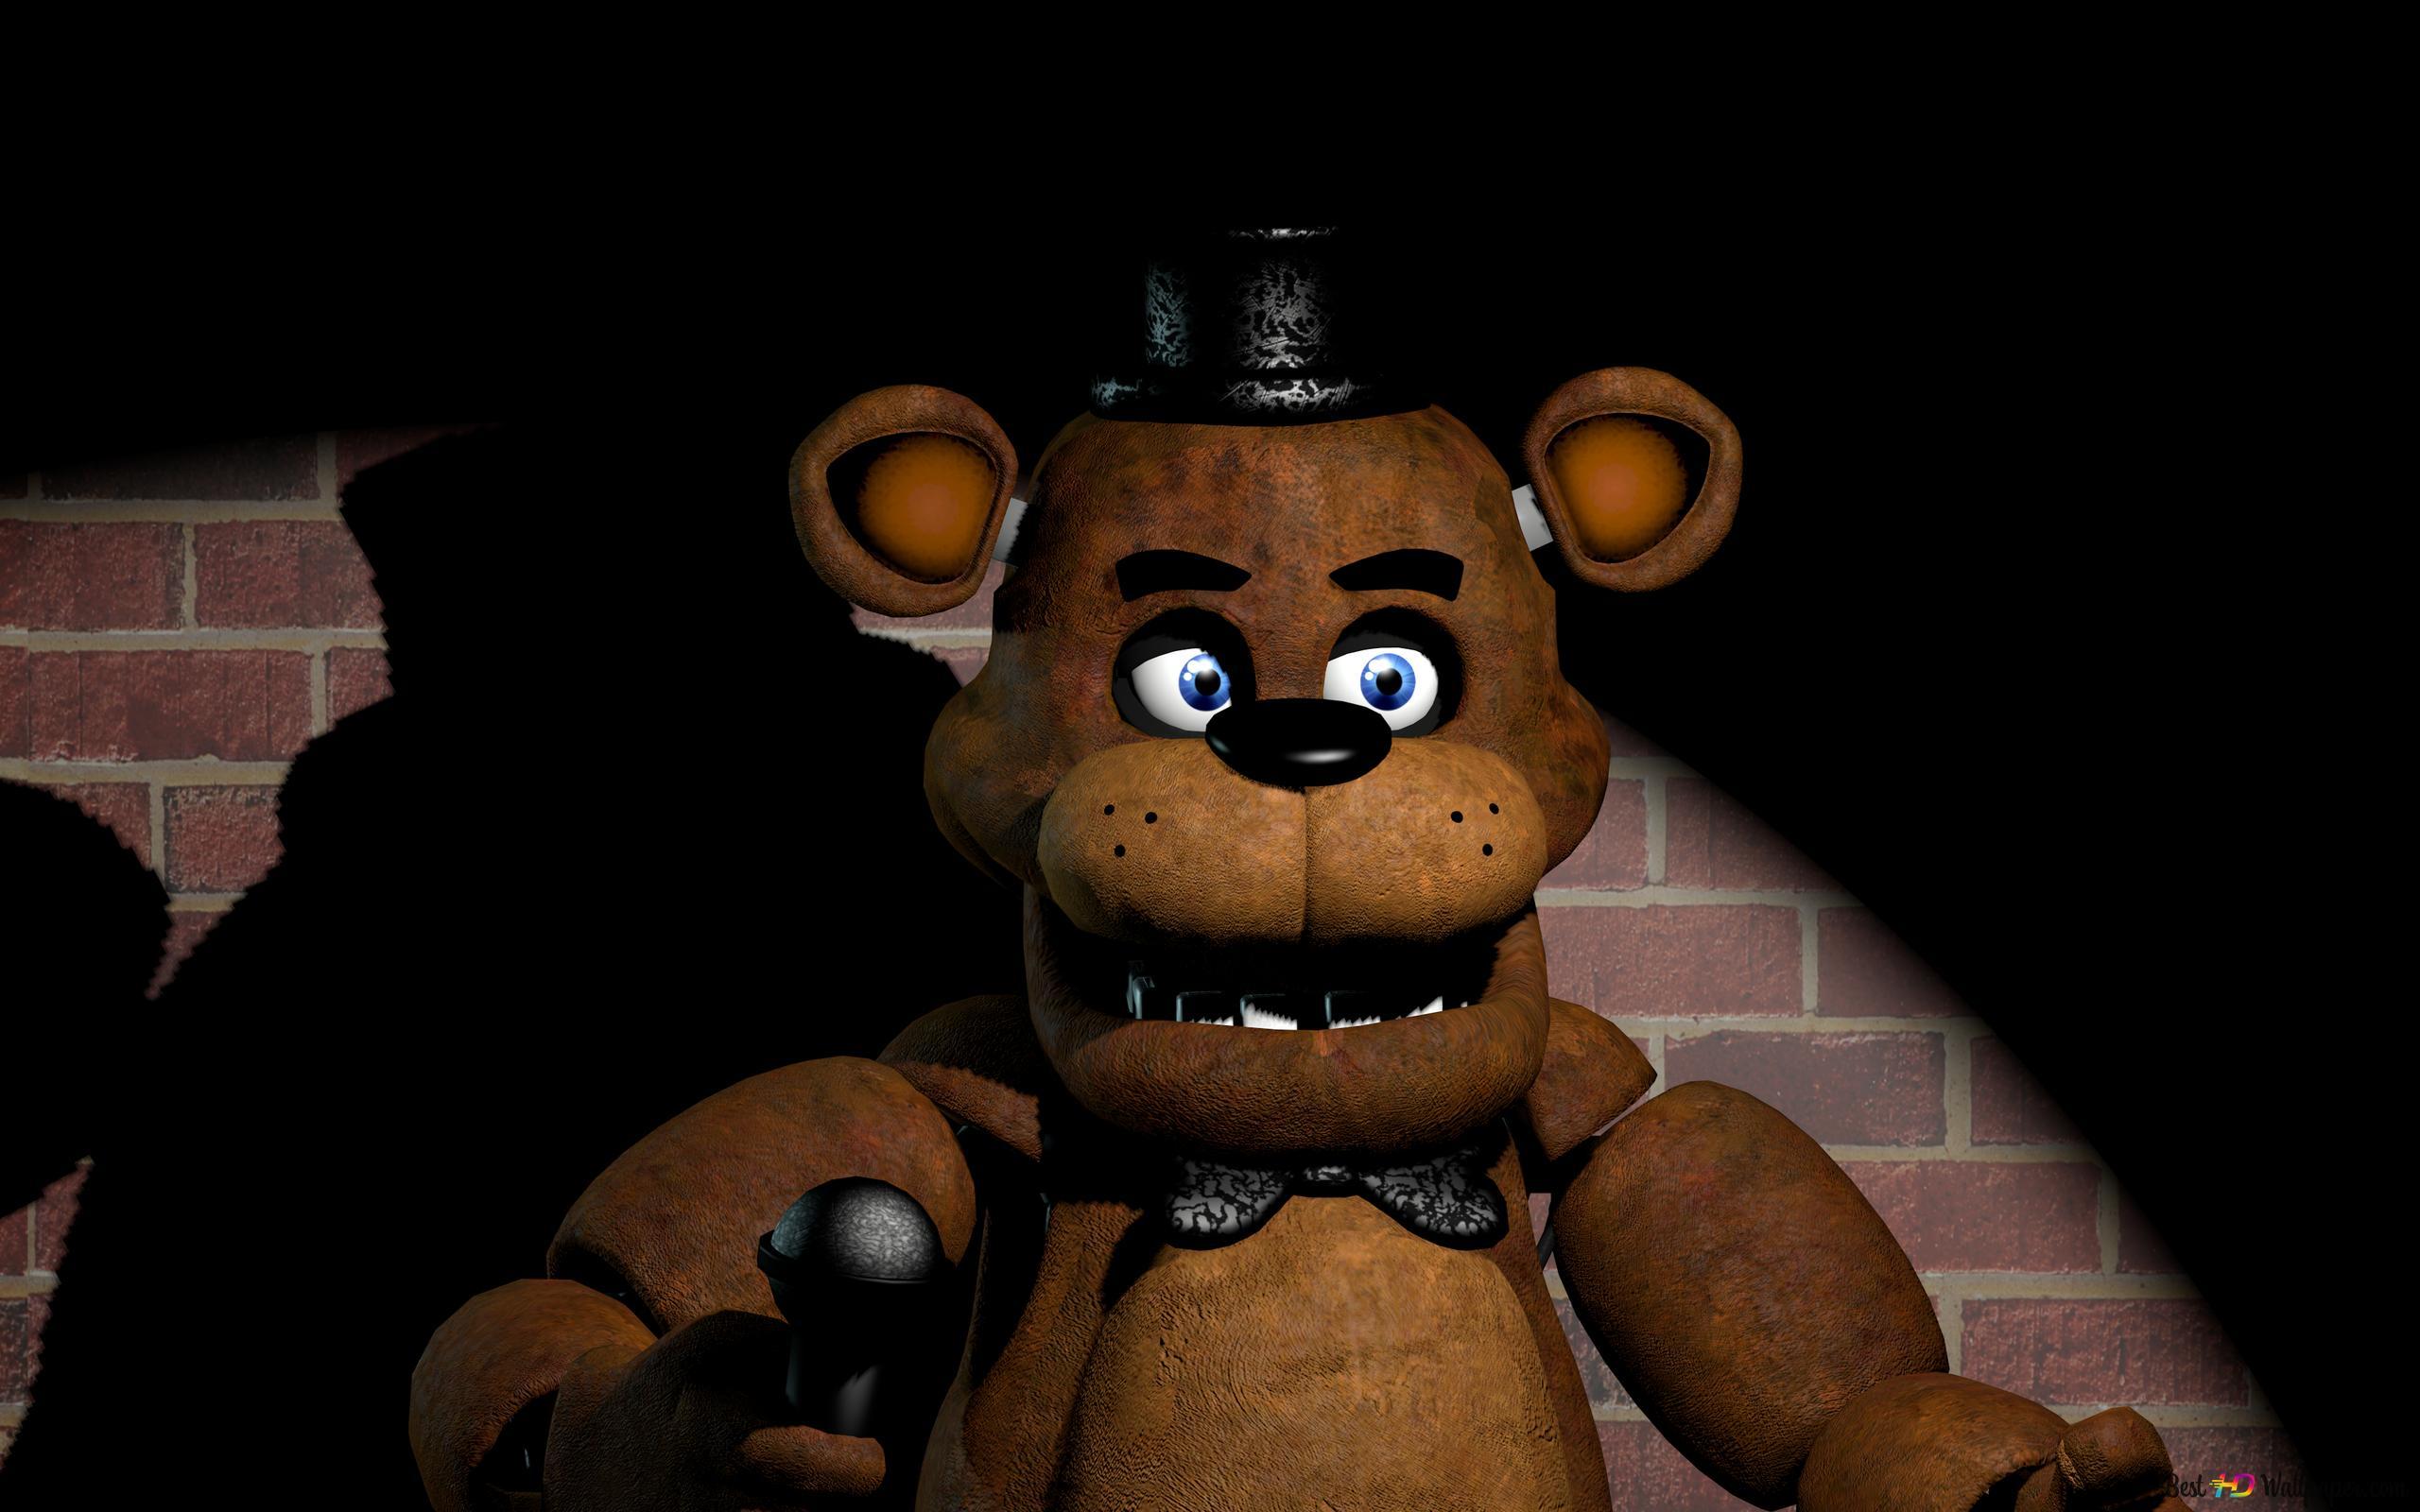 Five Nights At Freddy S Freddy Fazbear Hd Wallpaper Download